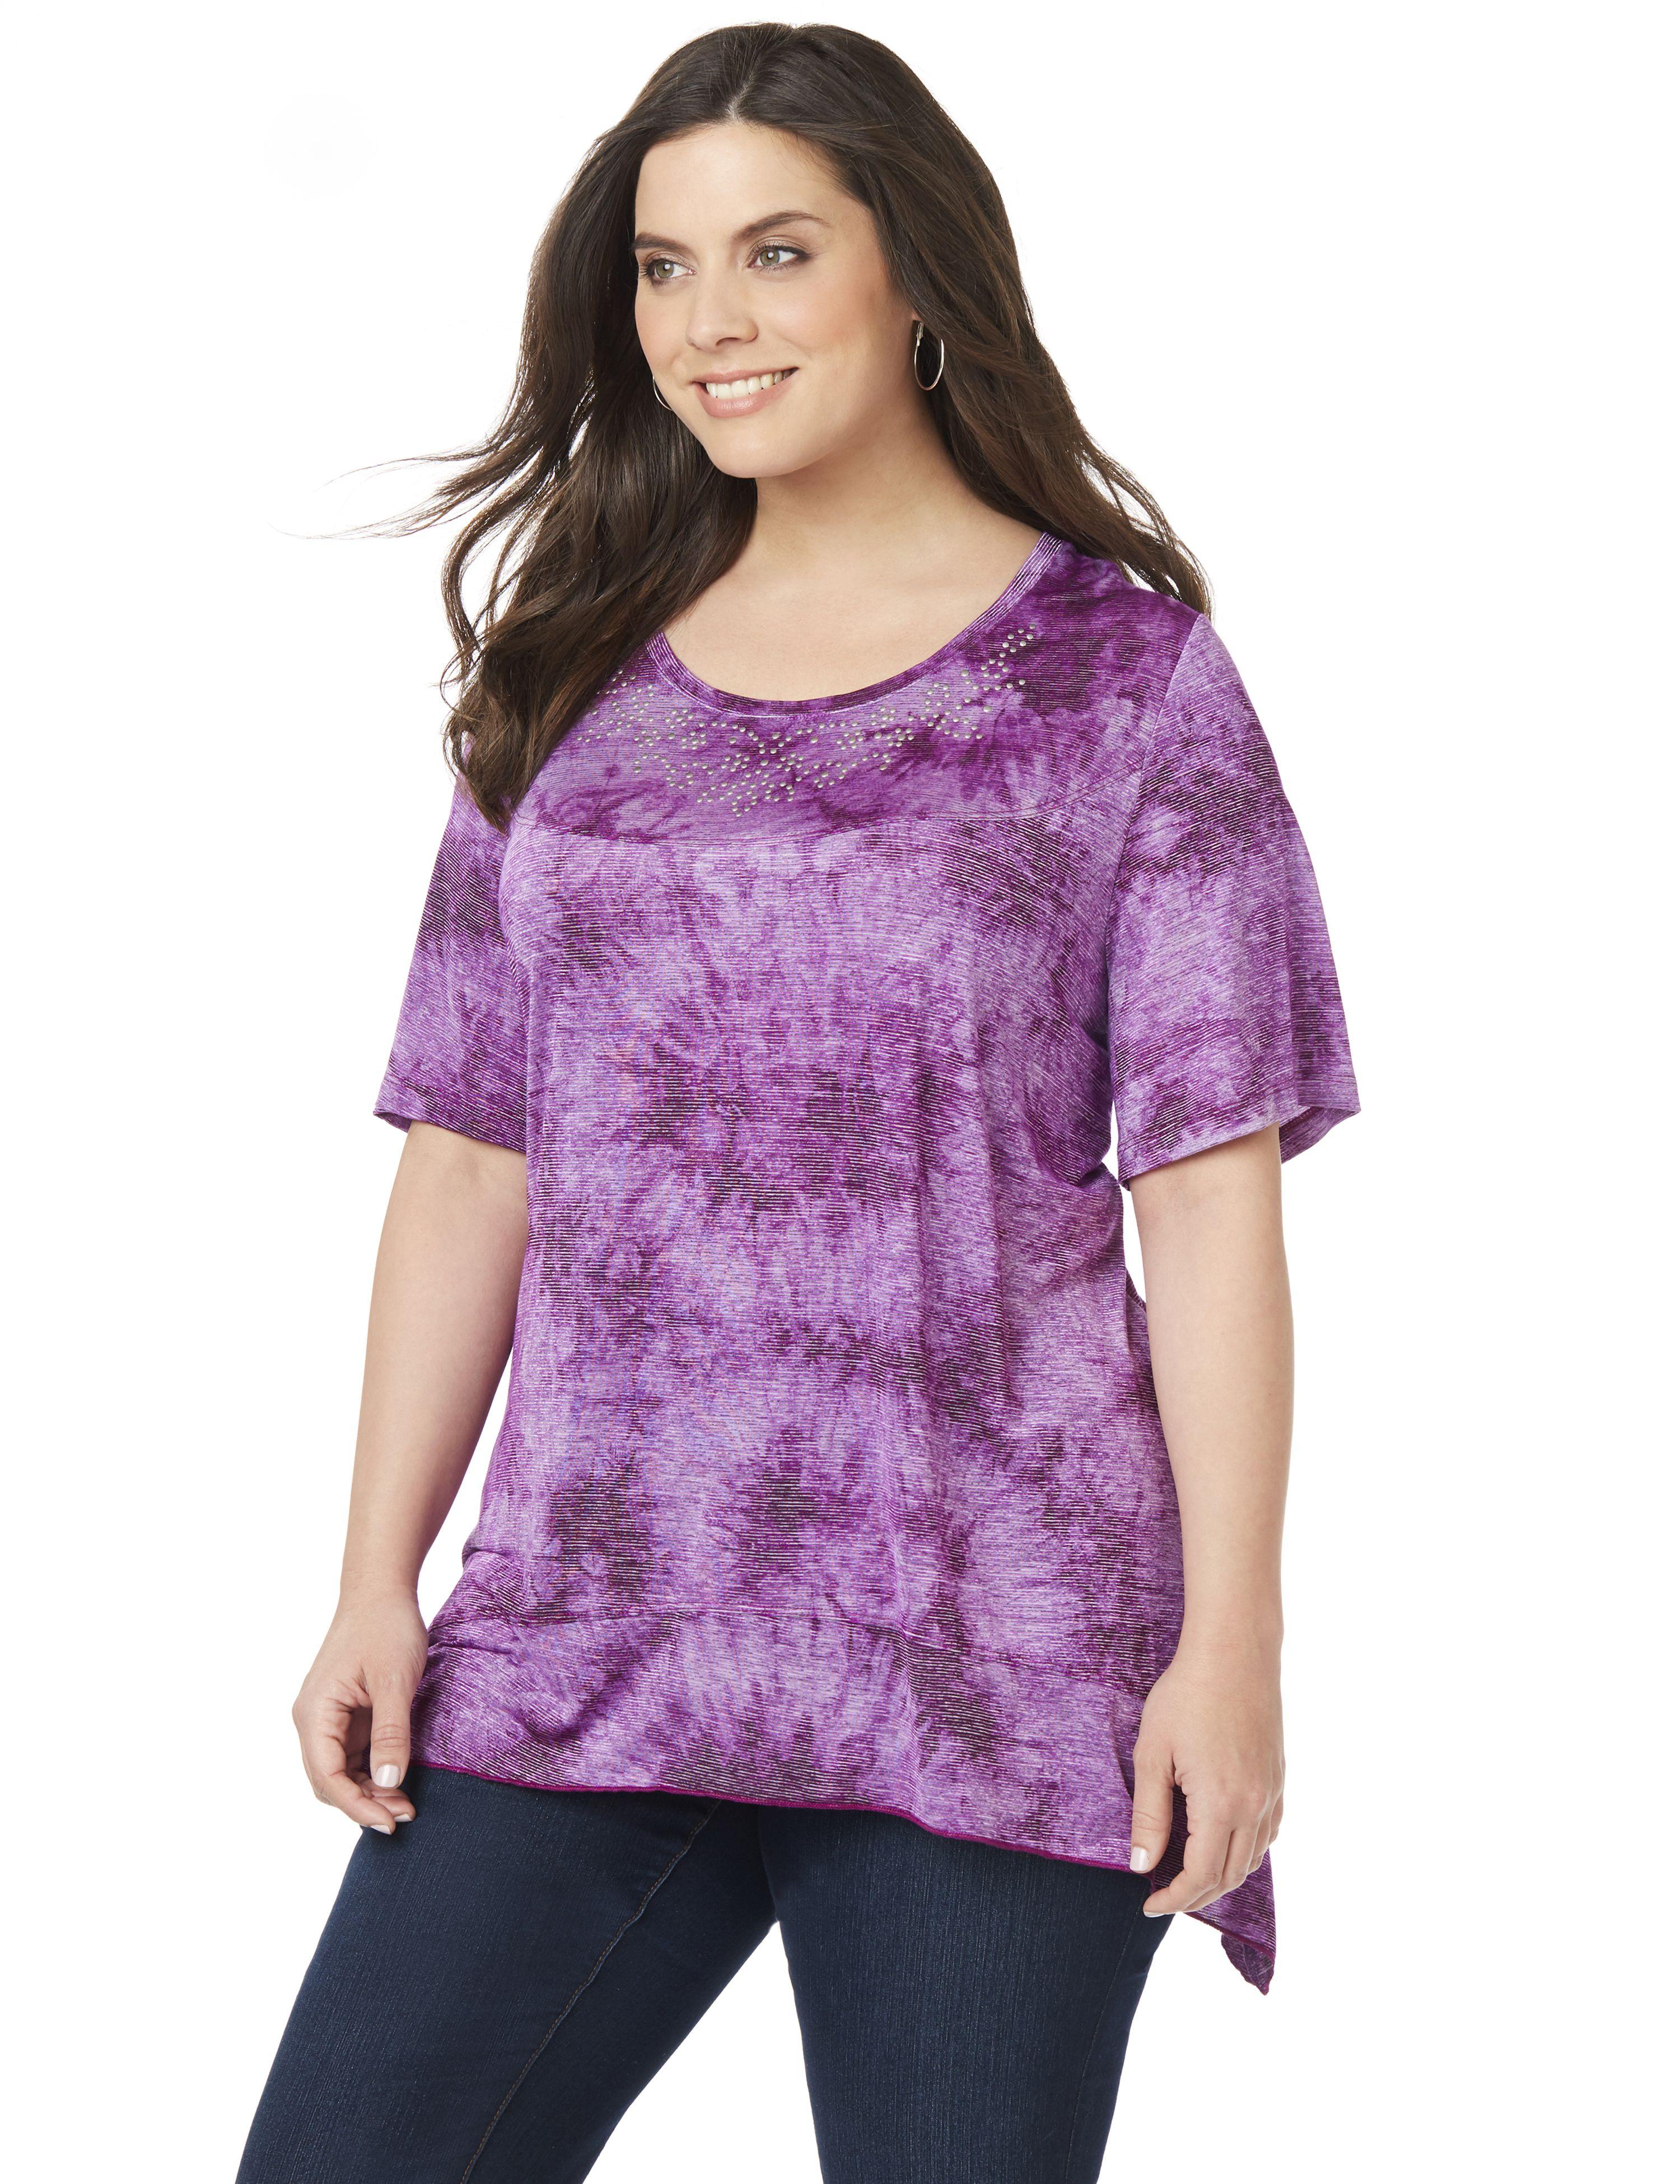 Violet Skies Top 300059955